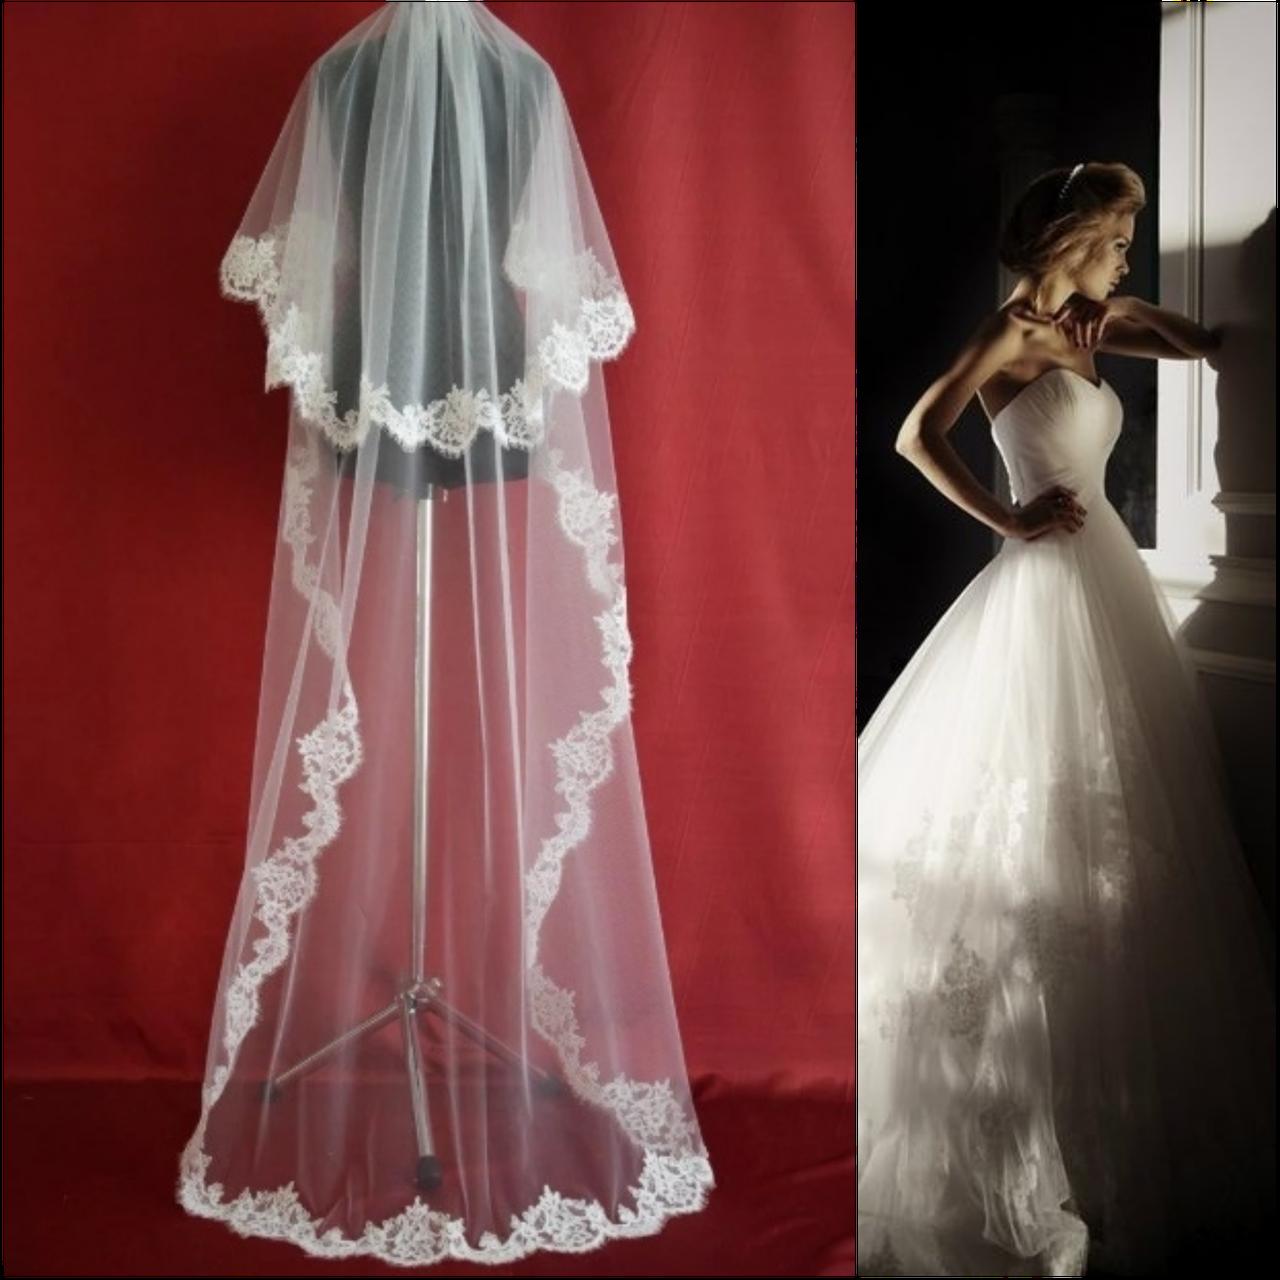 Вау! Длинная двухъярусная свадебная Фата с кружевом SF для Невесты Белая/Айвори (sf-282)